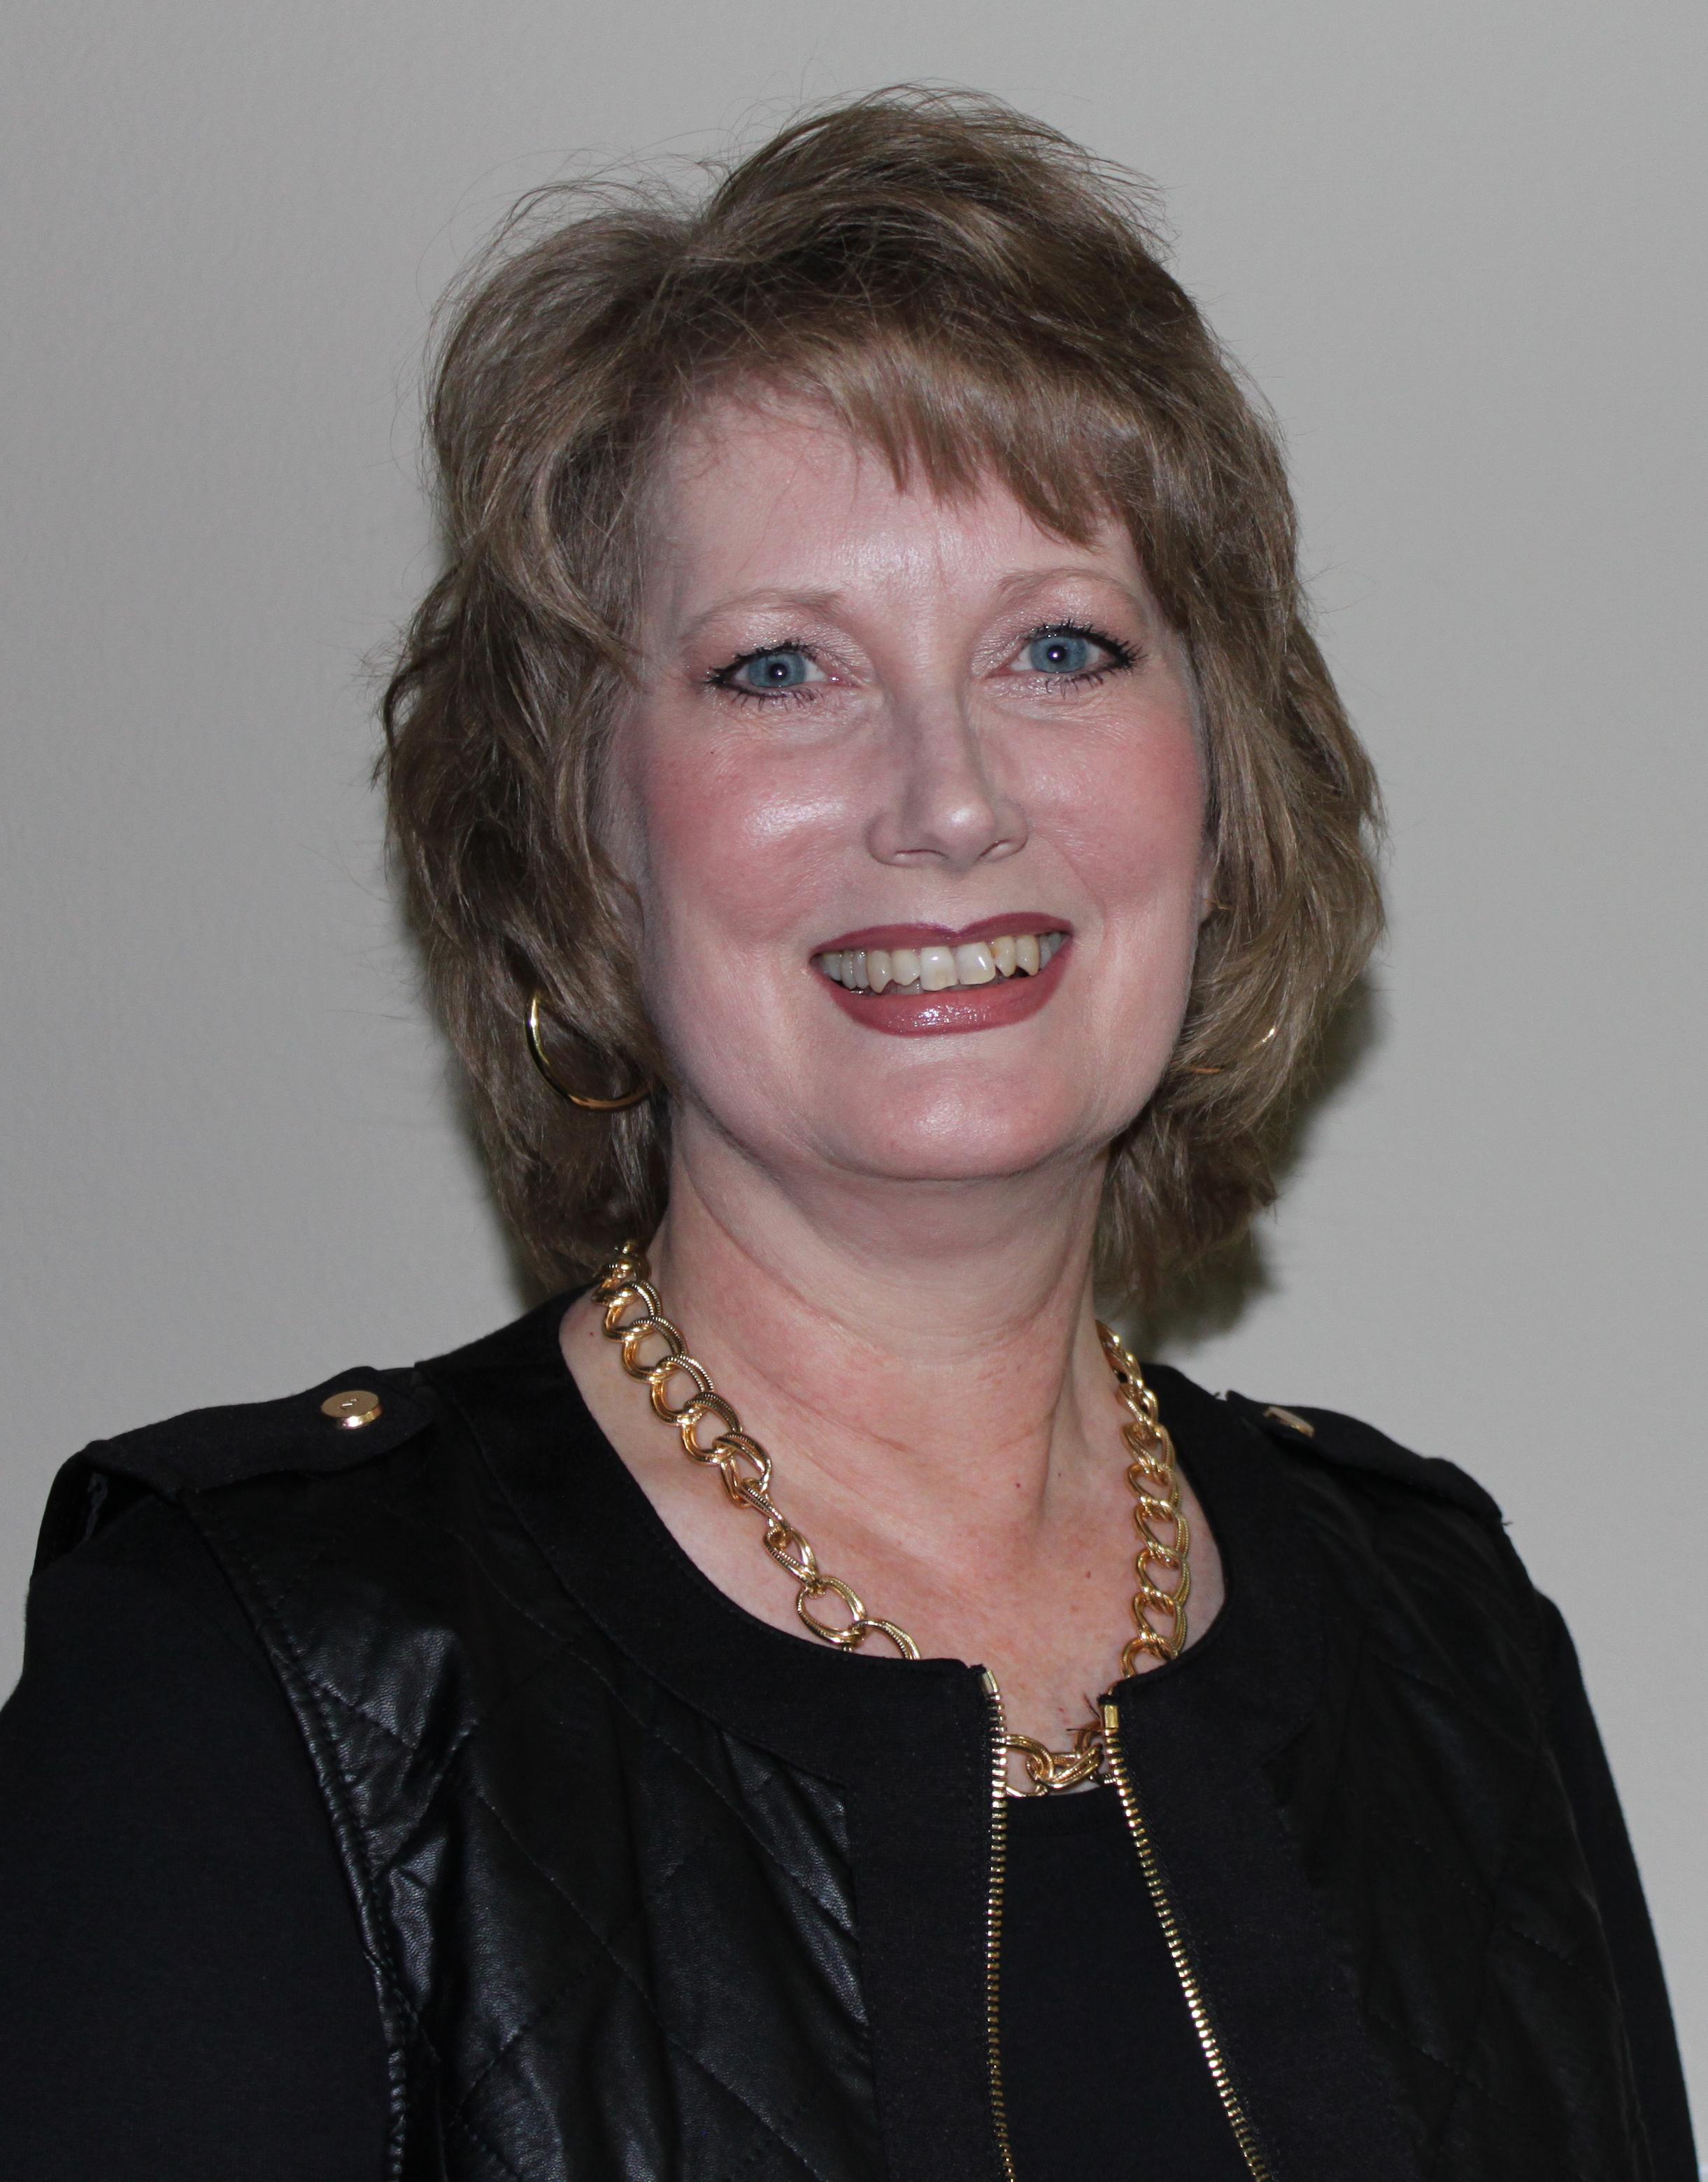 District Clerk Tammy Brauner